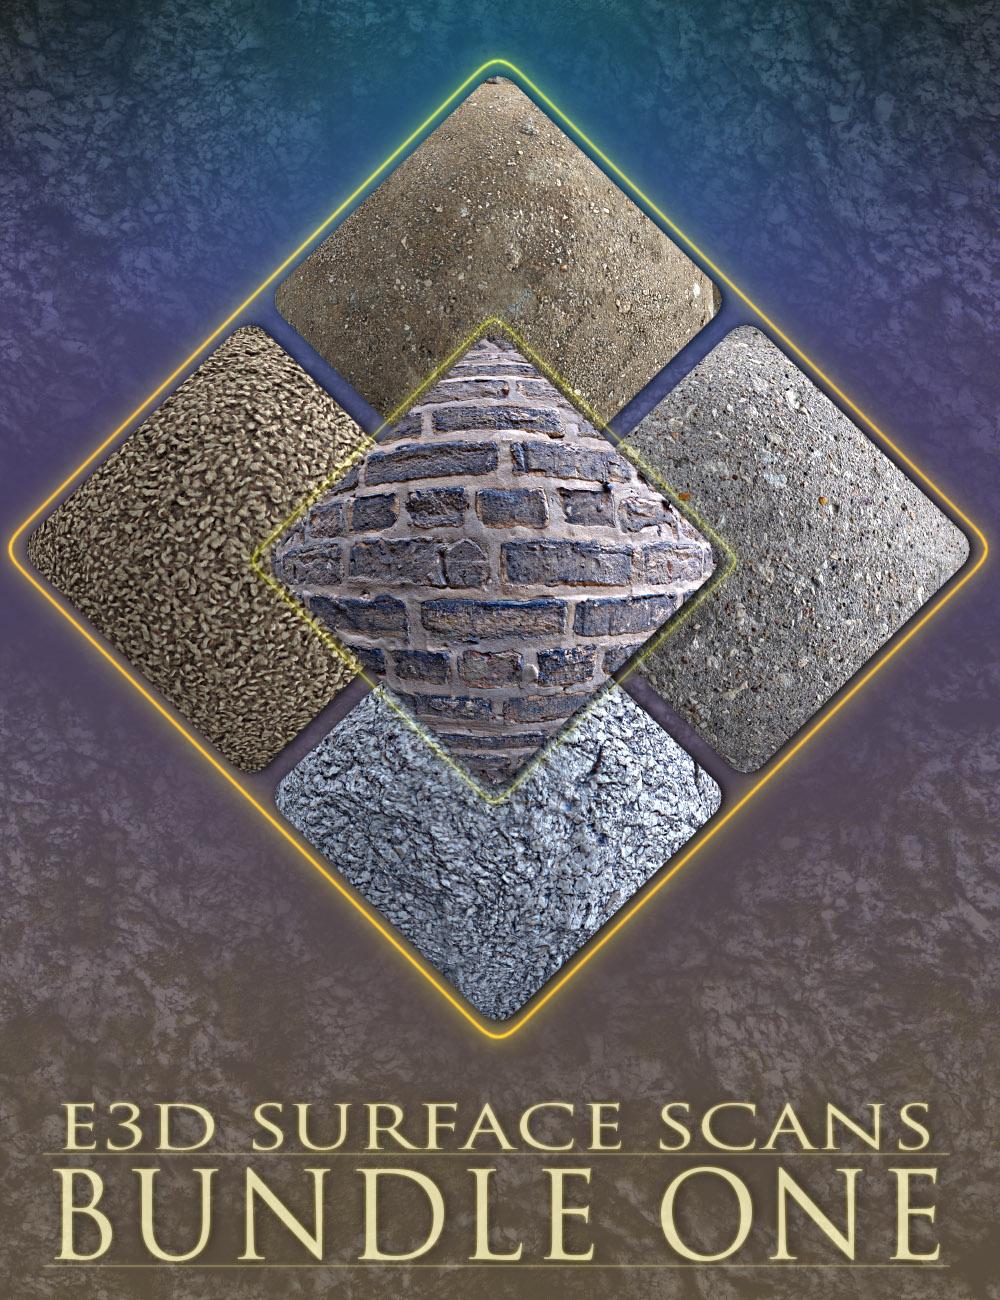 E3D Surface Scans - Bundle One by: EcoManiac3D, 3D Models by Daz 3D